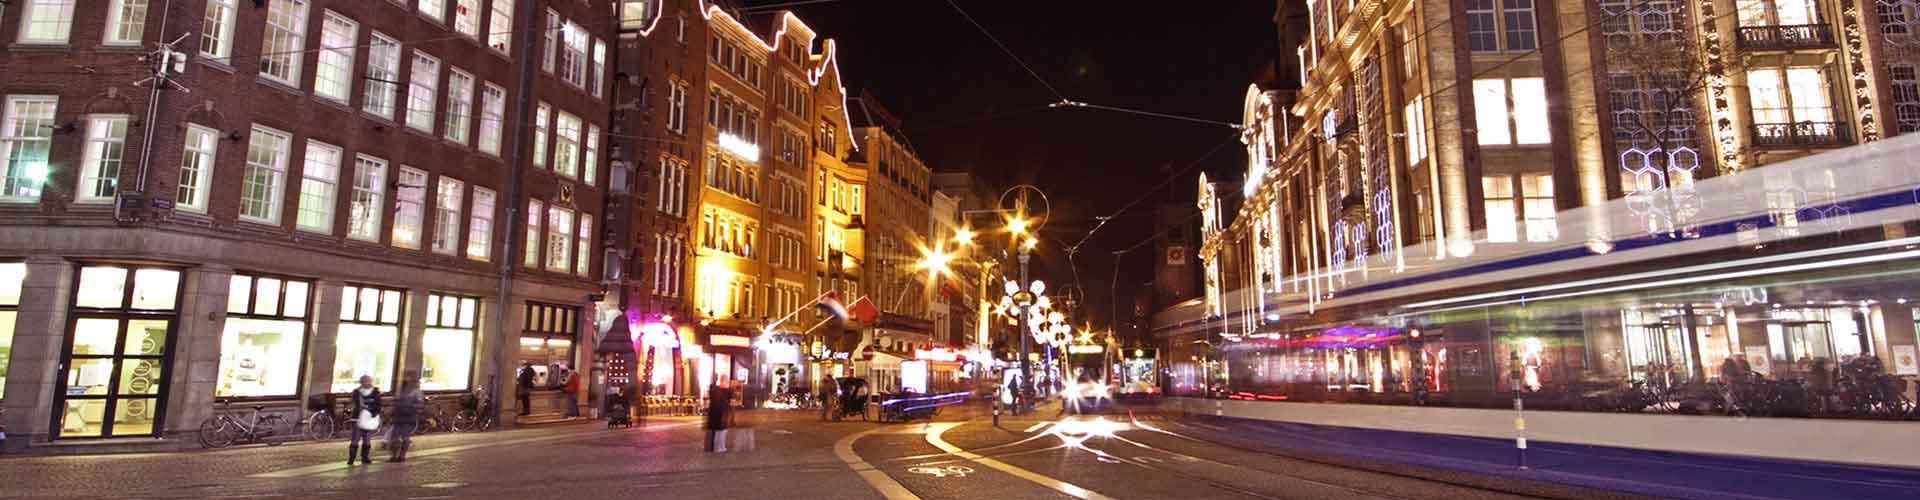 암스테르담 - 담 광장에 가까운 캠핑장. 암스테르담의 지도, 암스테르담에 위치한 캠핑장에 대한 사진 및 리뷰.